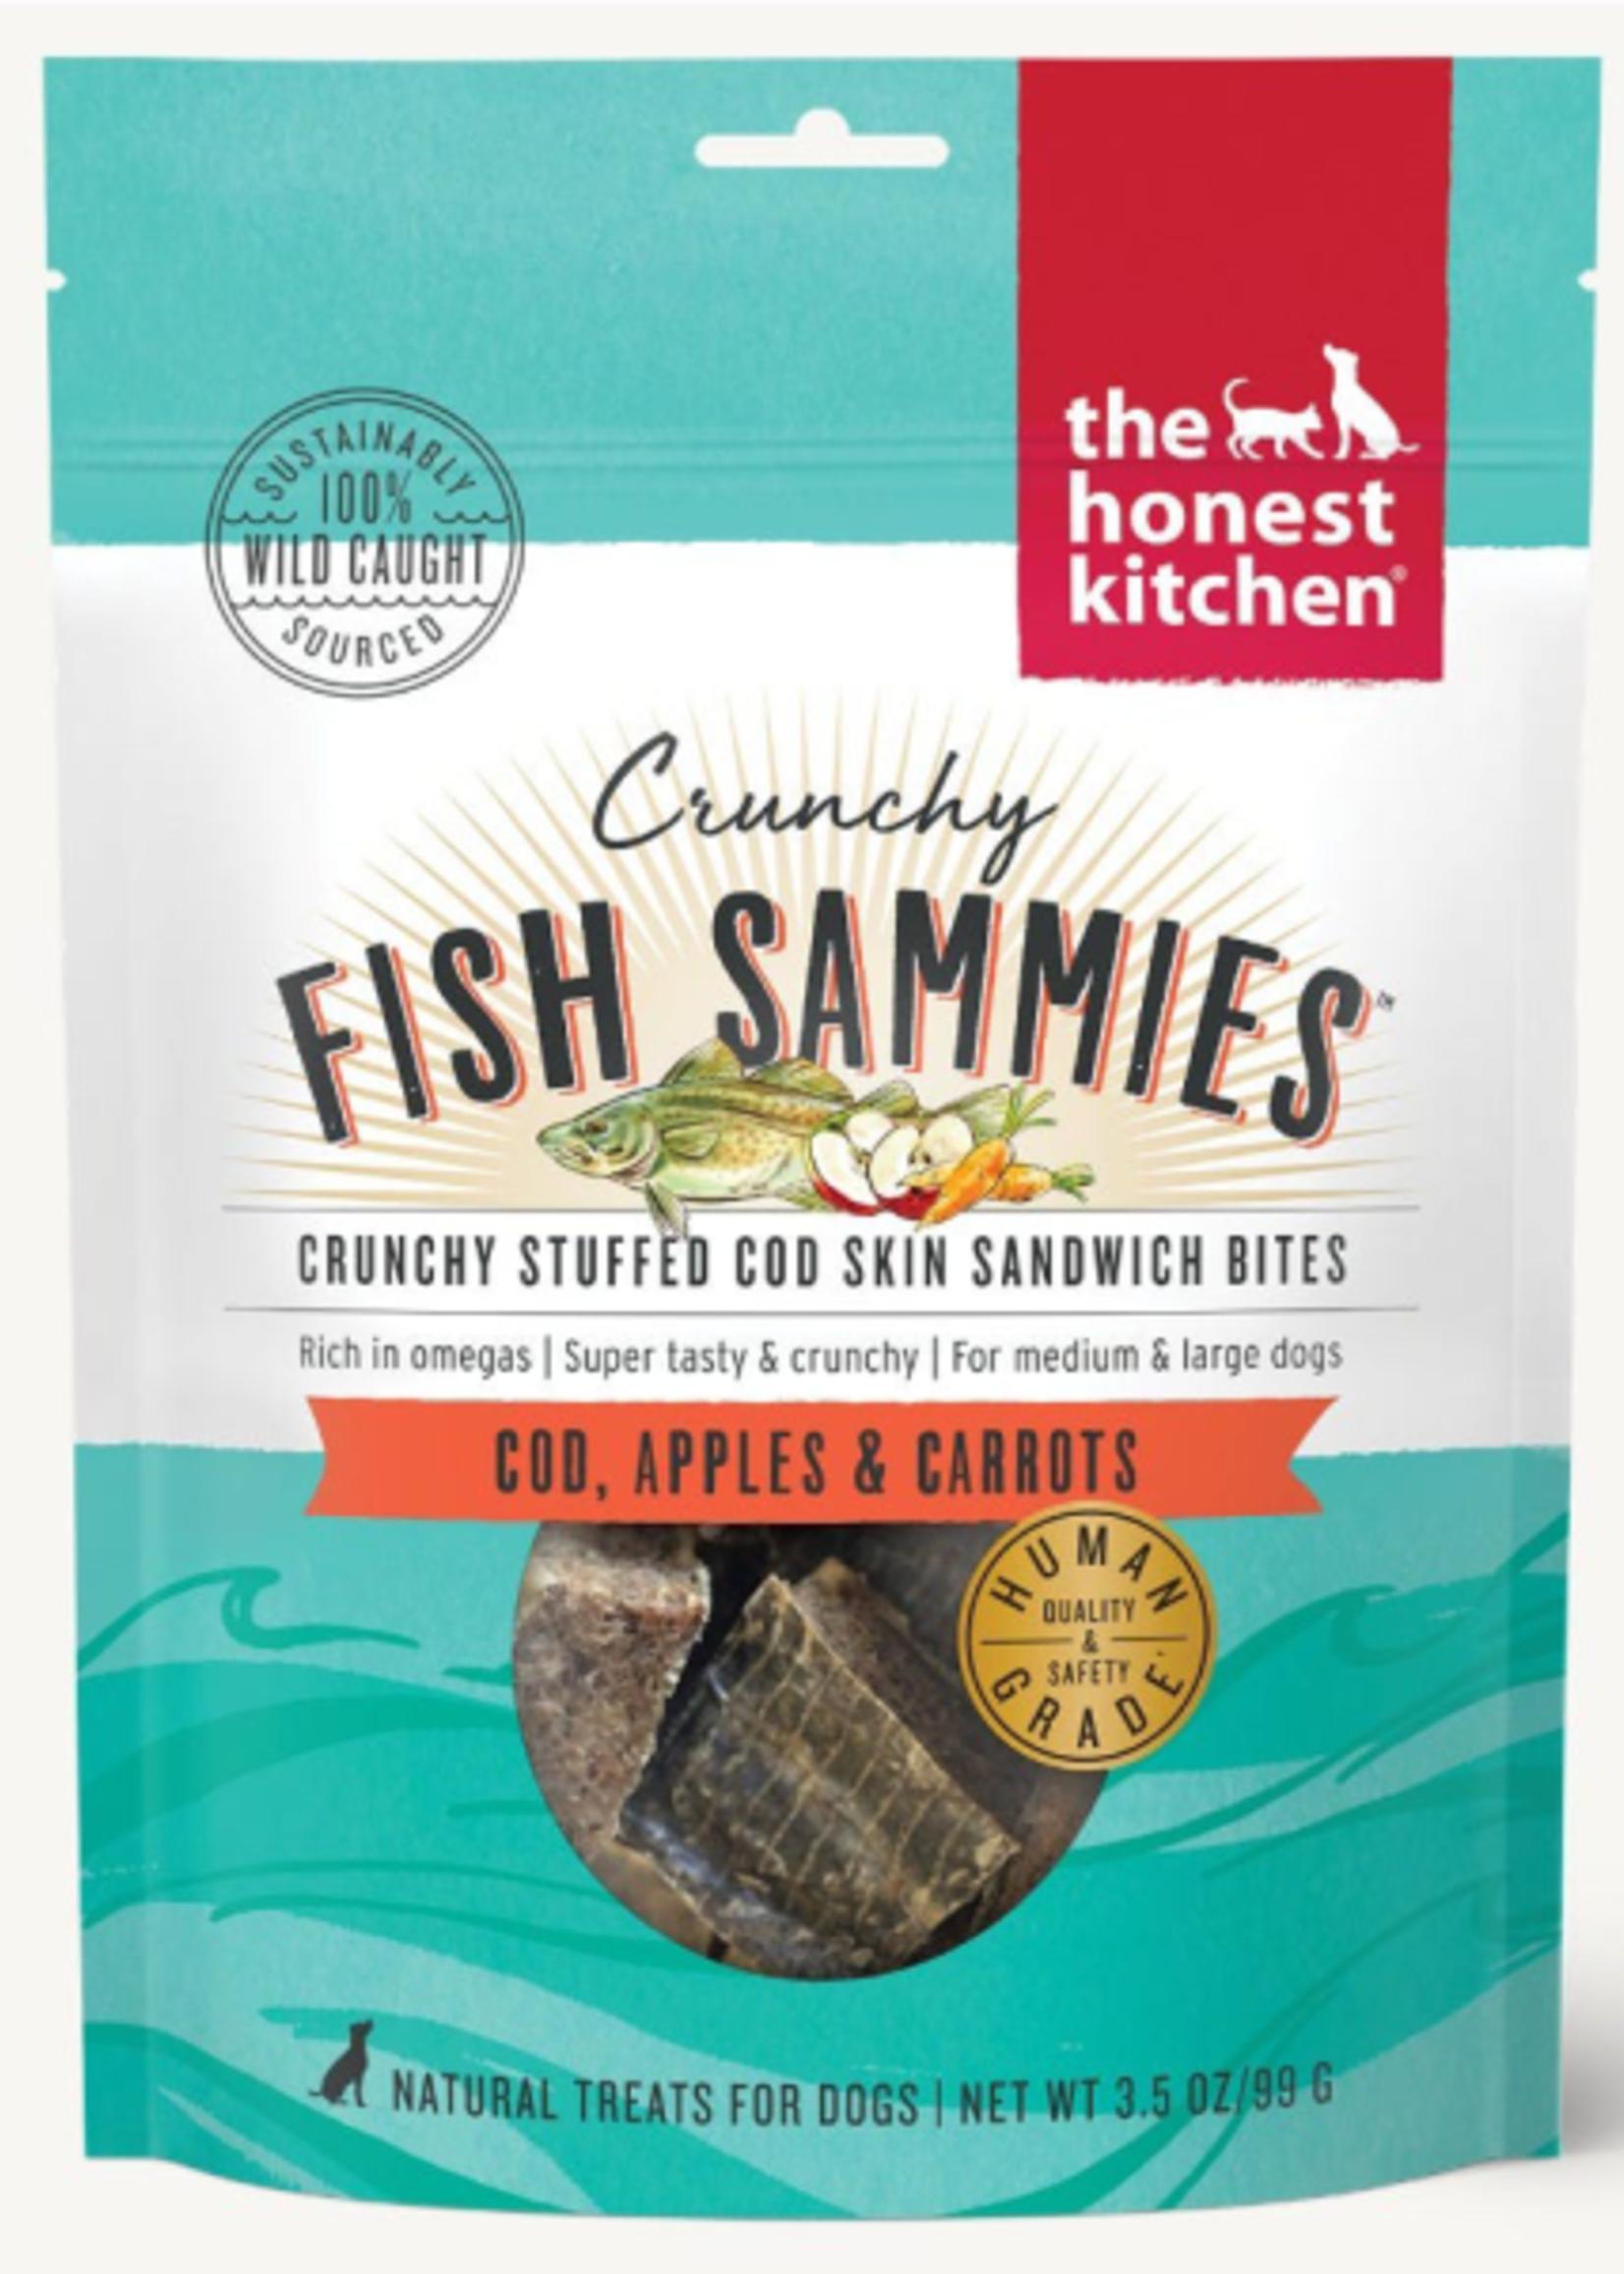 Honest Kitchen Crunchy Fish Sammies Cod w/Carrots & Apples 3.5oz